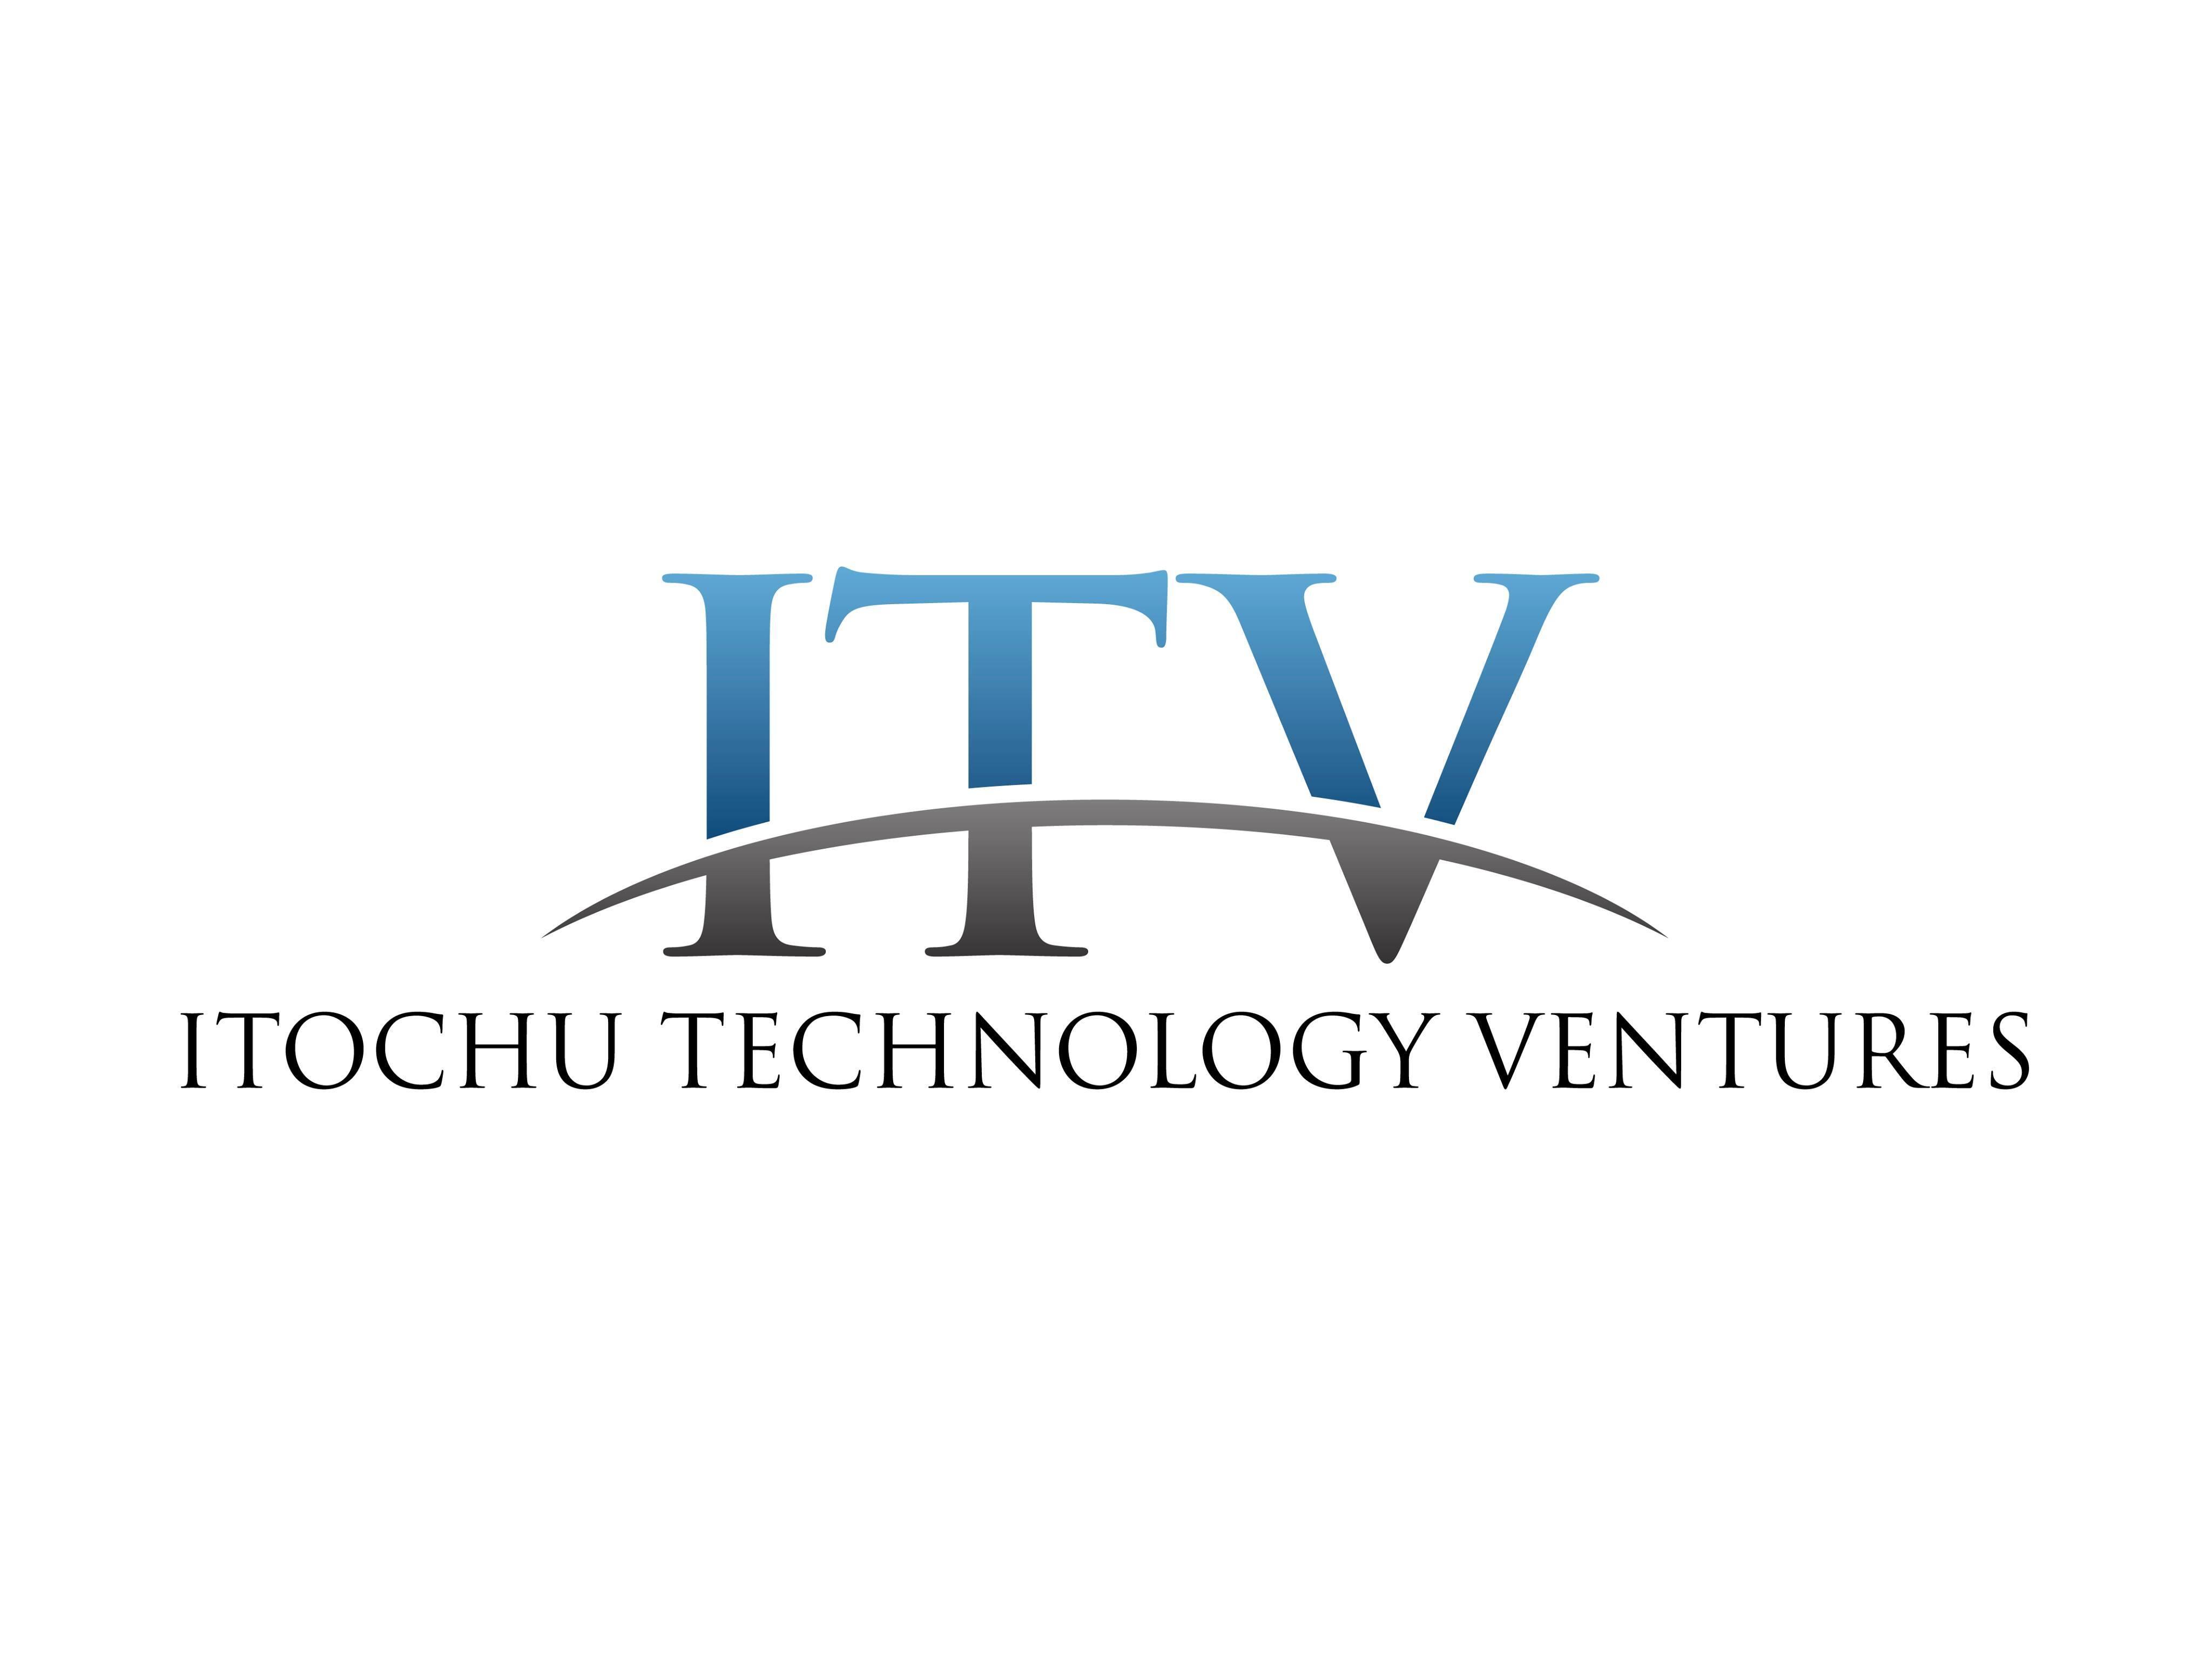 伊藤忠テクノロジーベンチャーズ株式会社